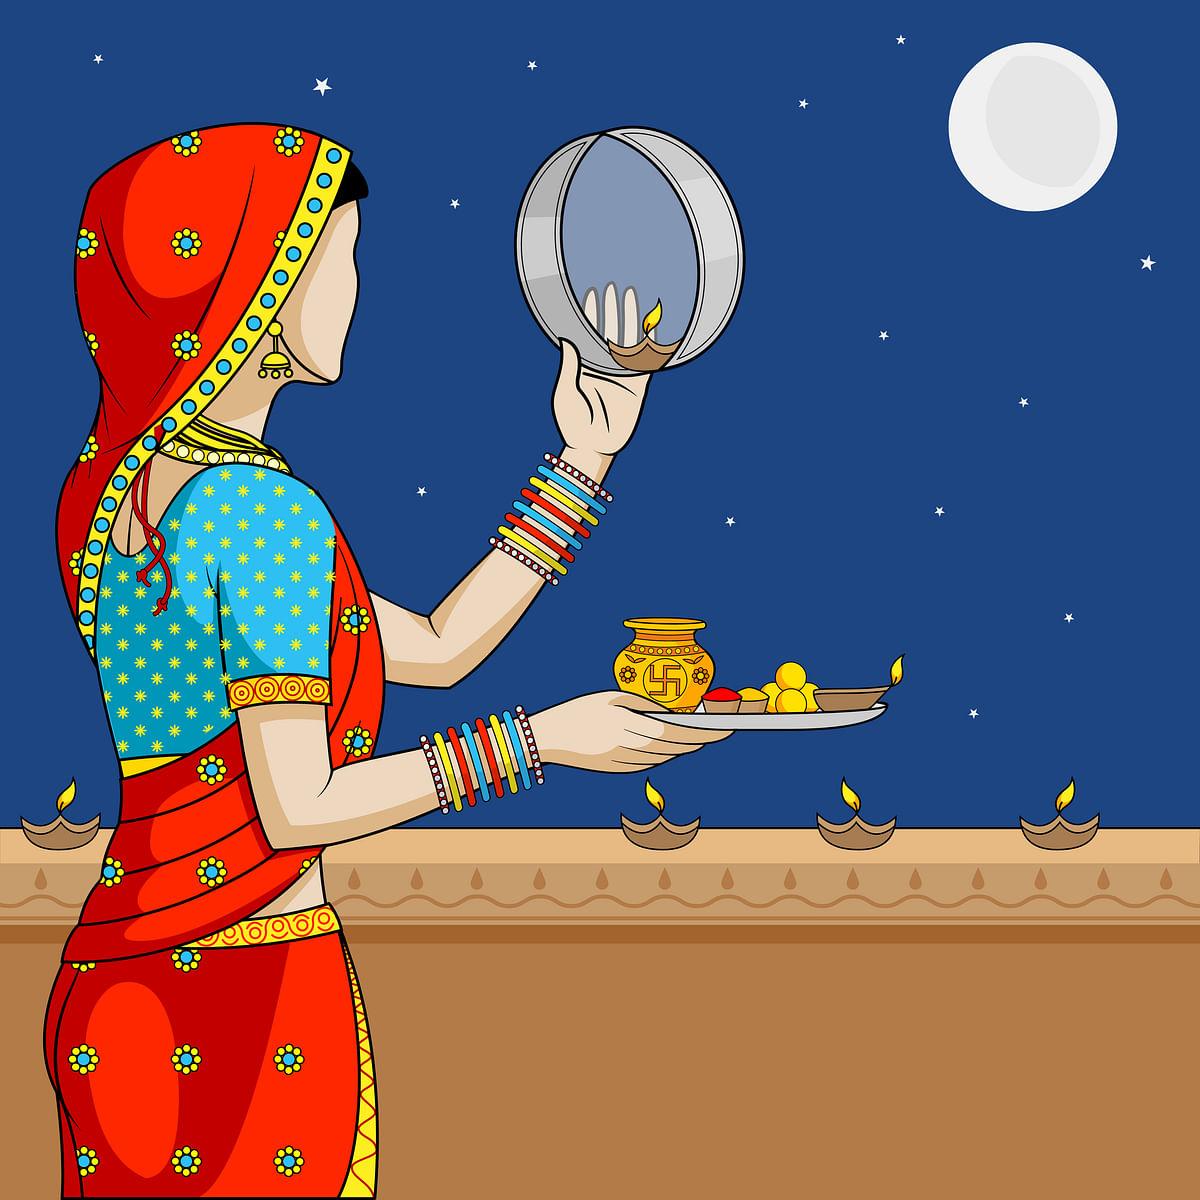 करवा चौथ - Karva Chauth